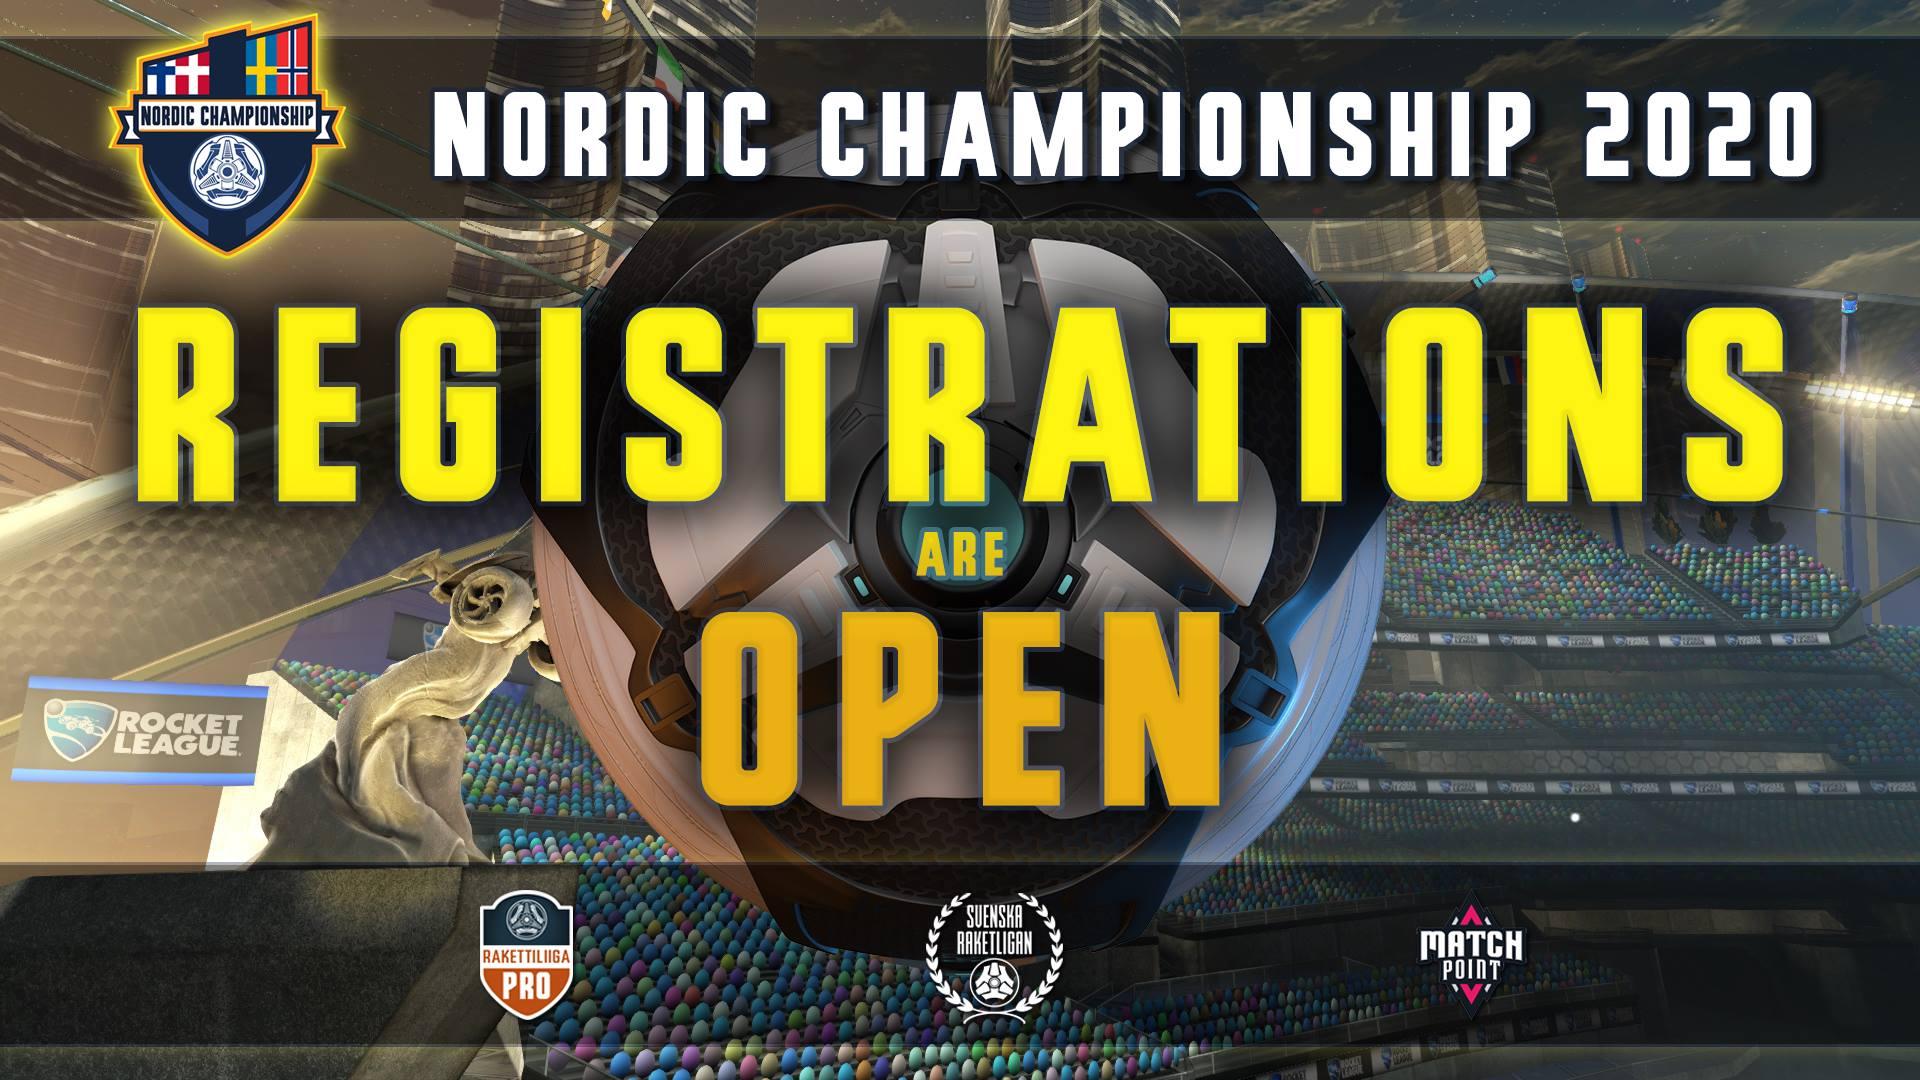 Pohjoismaiden mestaruusturnauksen Nordic Championshipin karsinnat alkavat elokuun lopulla – Ilmoittautuminen on auki nyt!